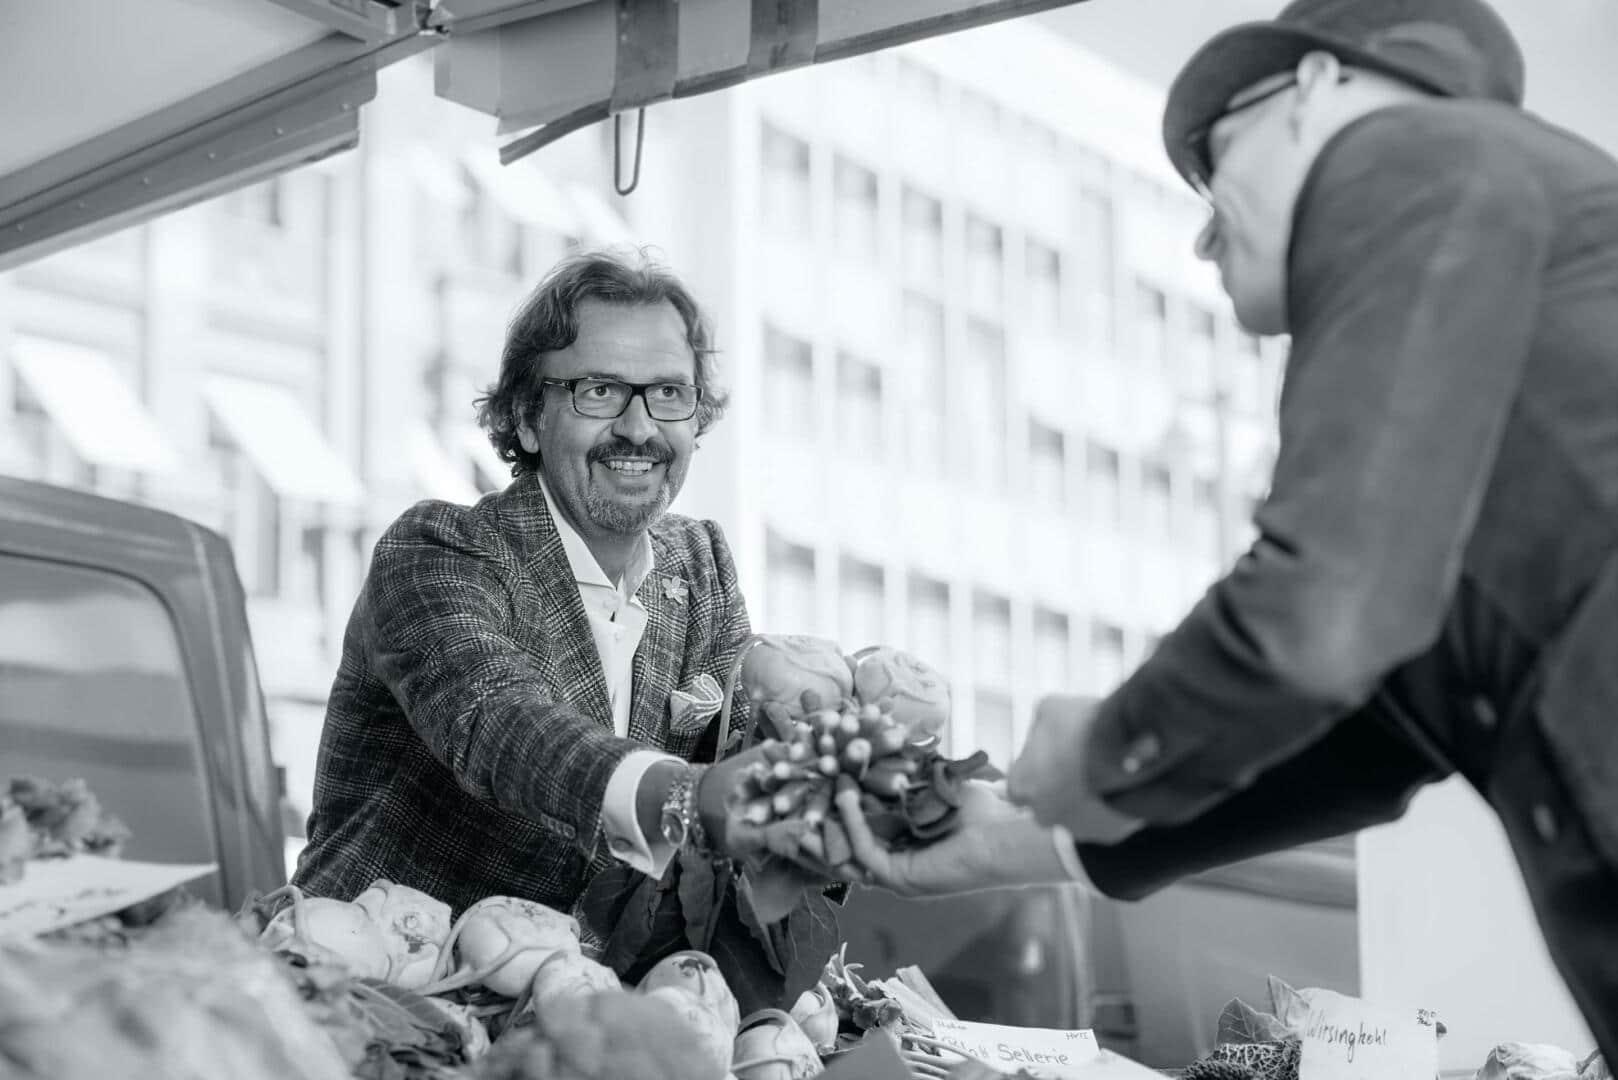 Image Motiv Markt - Schomburg · Rother · Schumacher